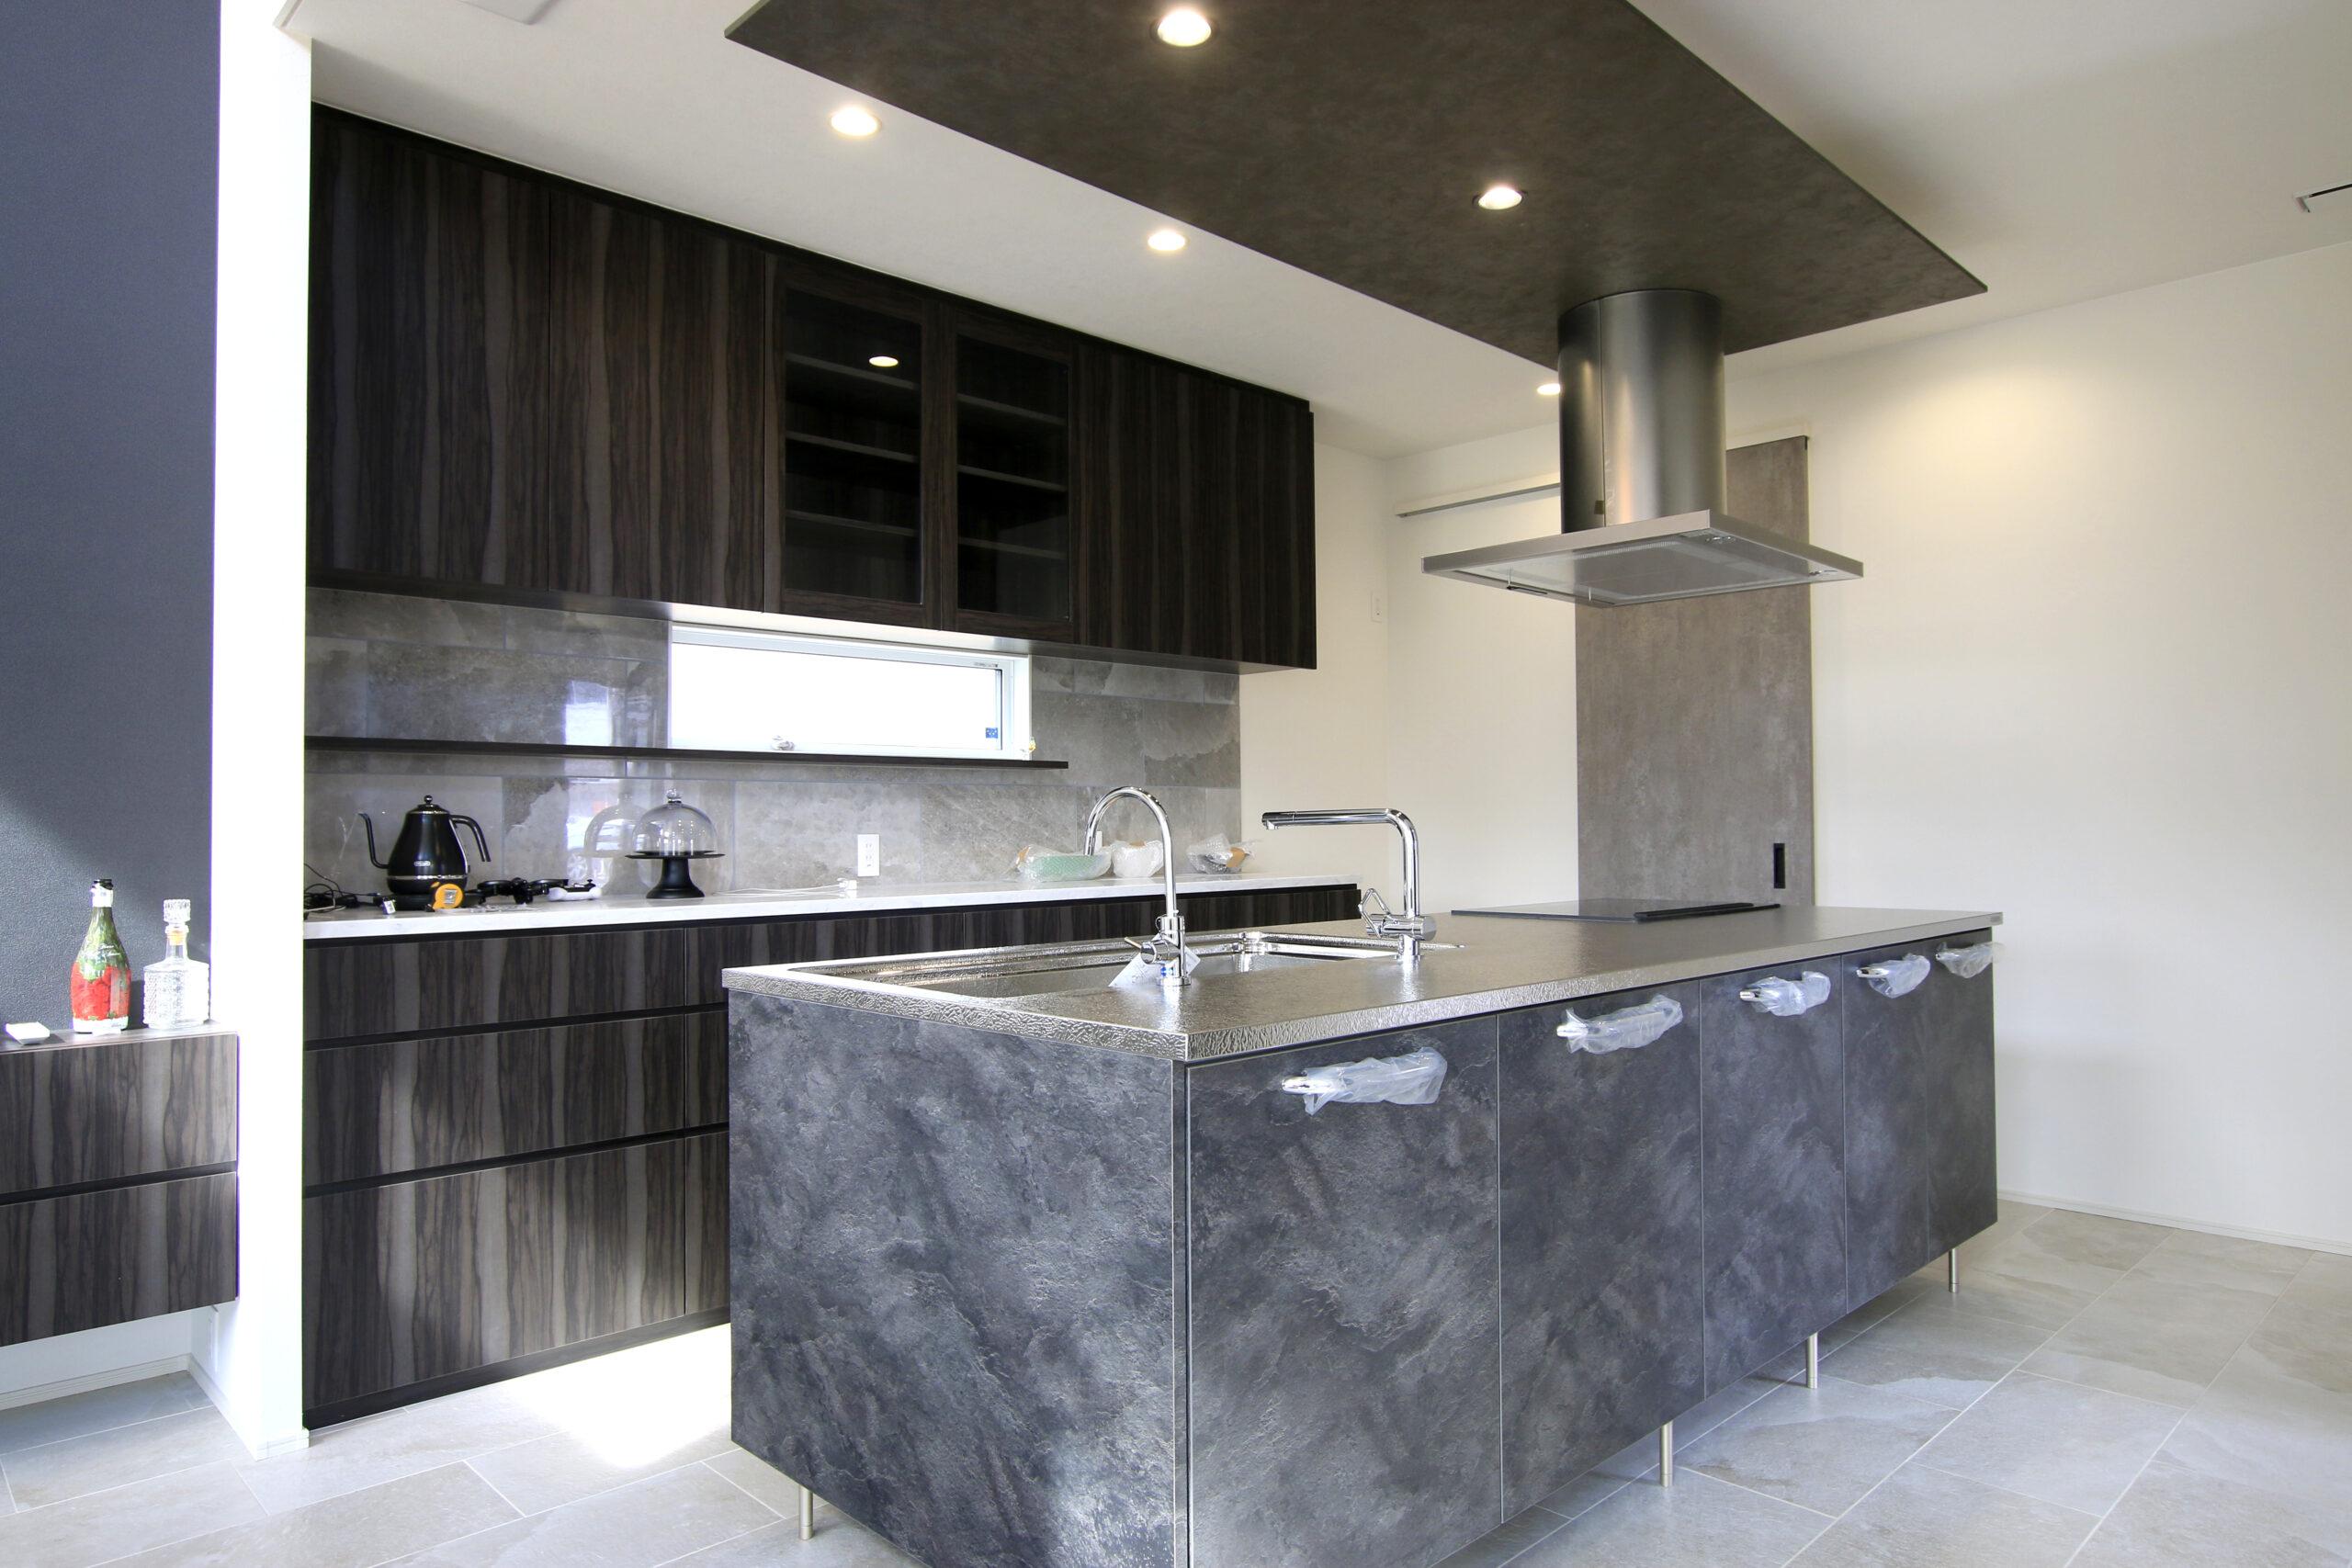 ダークトーンで落ち着いた印象のキッチン空間